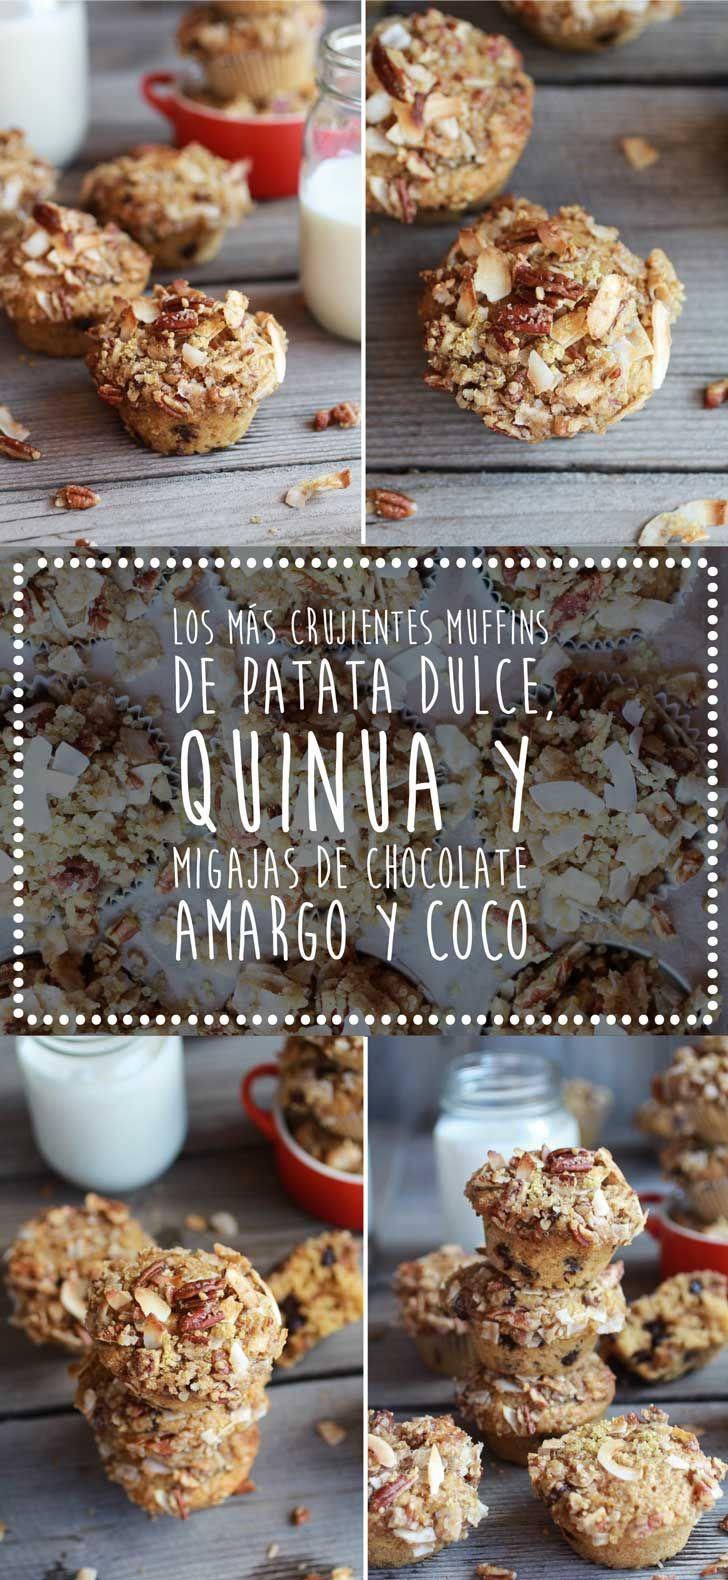 Los más crujientes muffins de patata dulce, quinua y migajas de chocolate amargo y coco